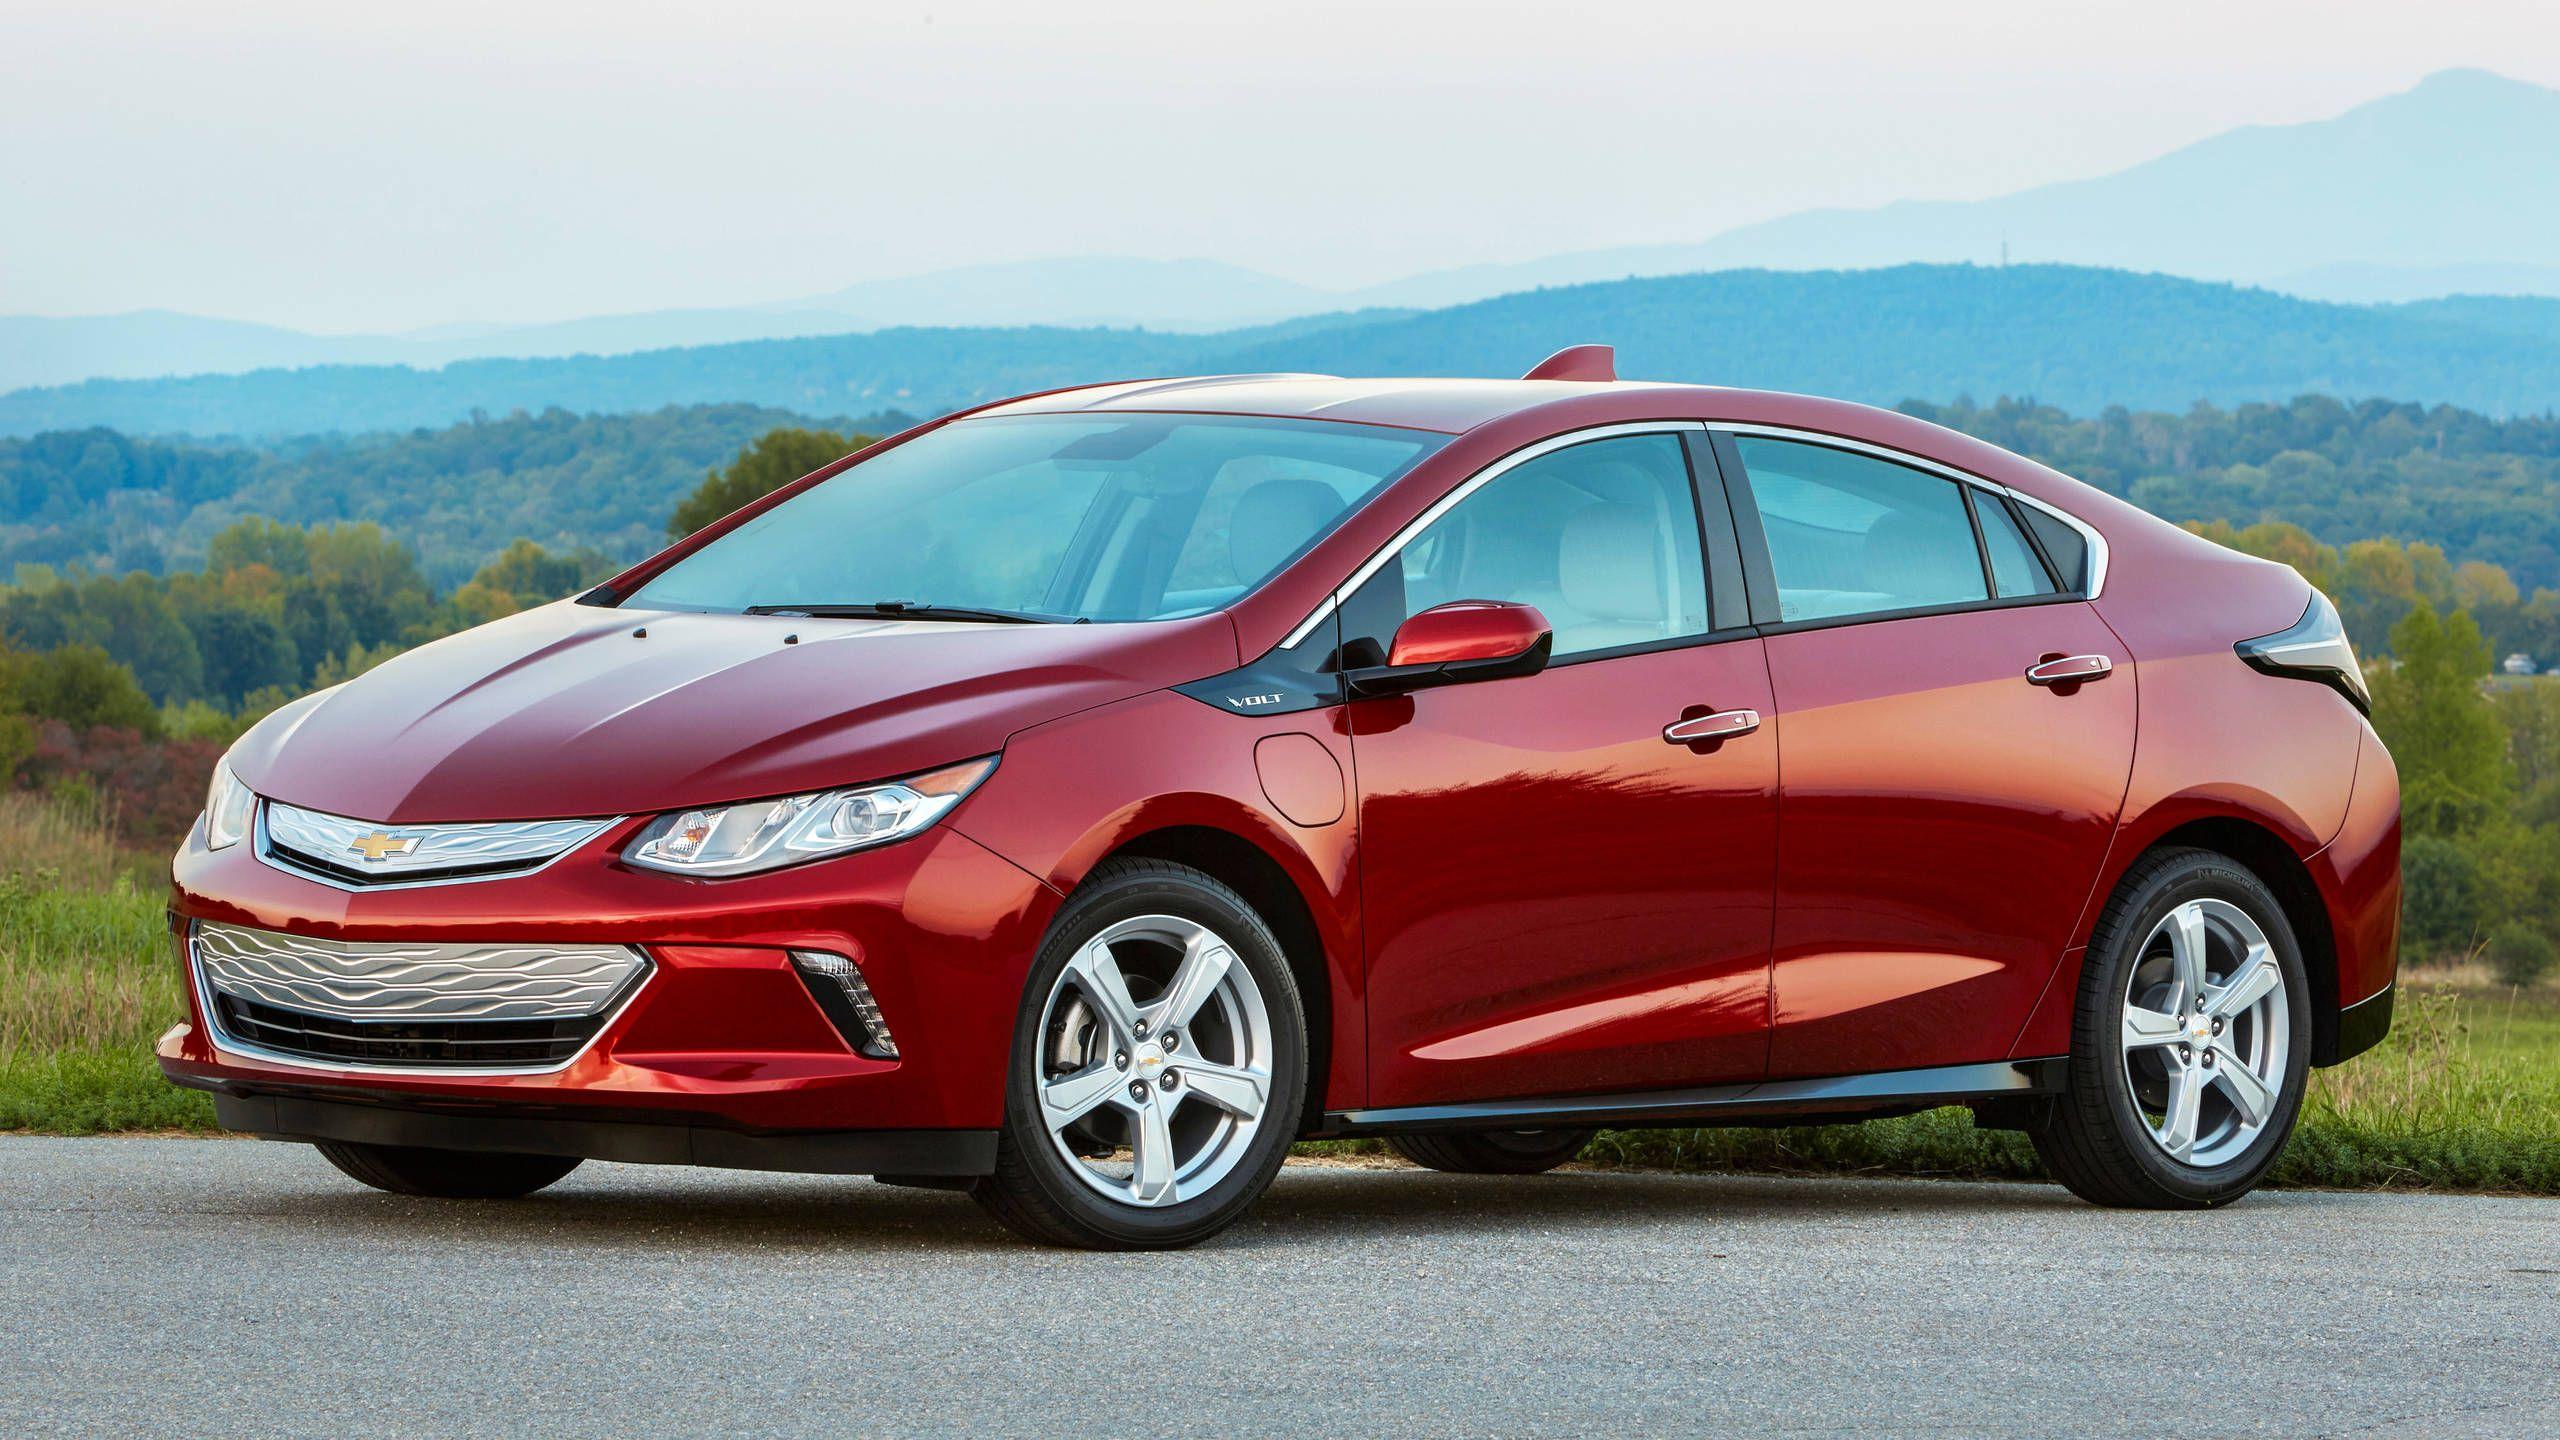 Kelebihan Kekurangan Chevrolet Volt Harga